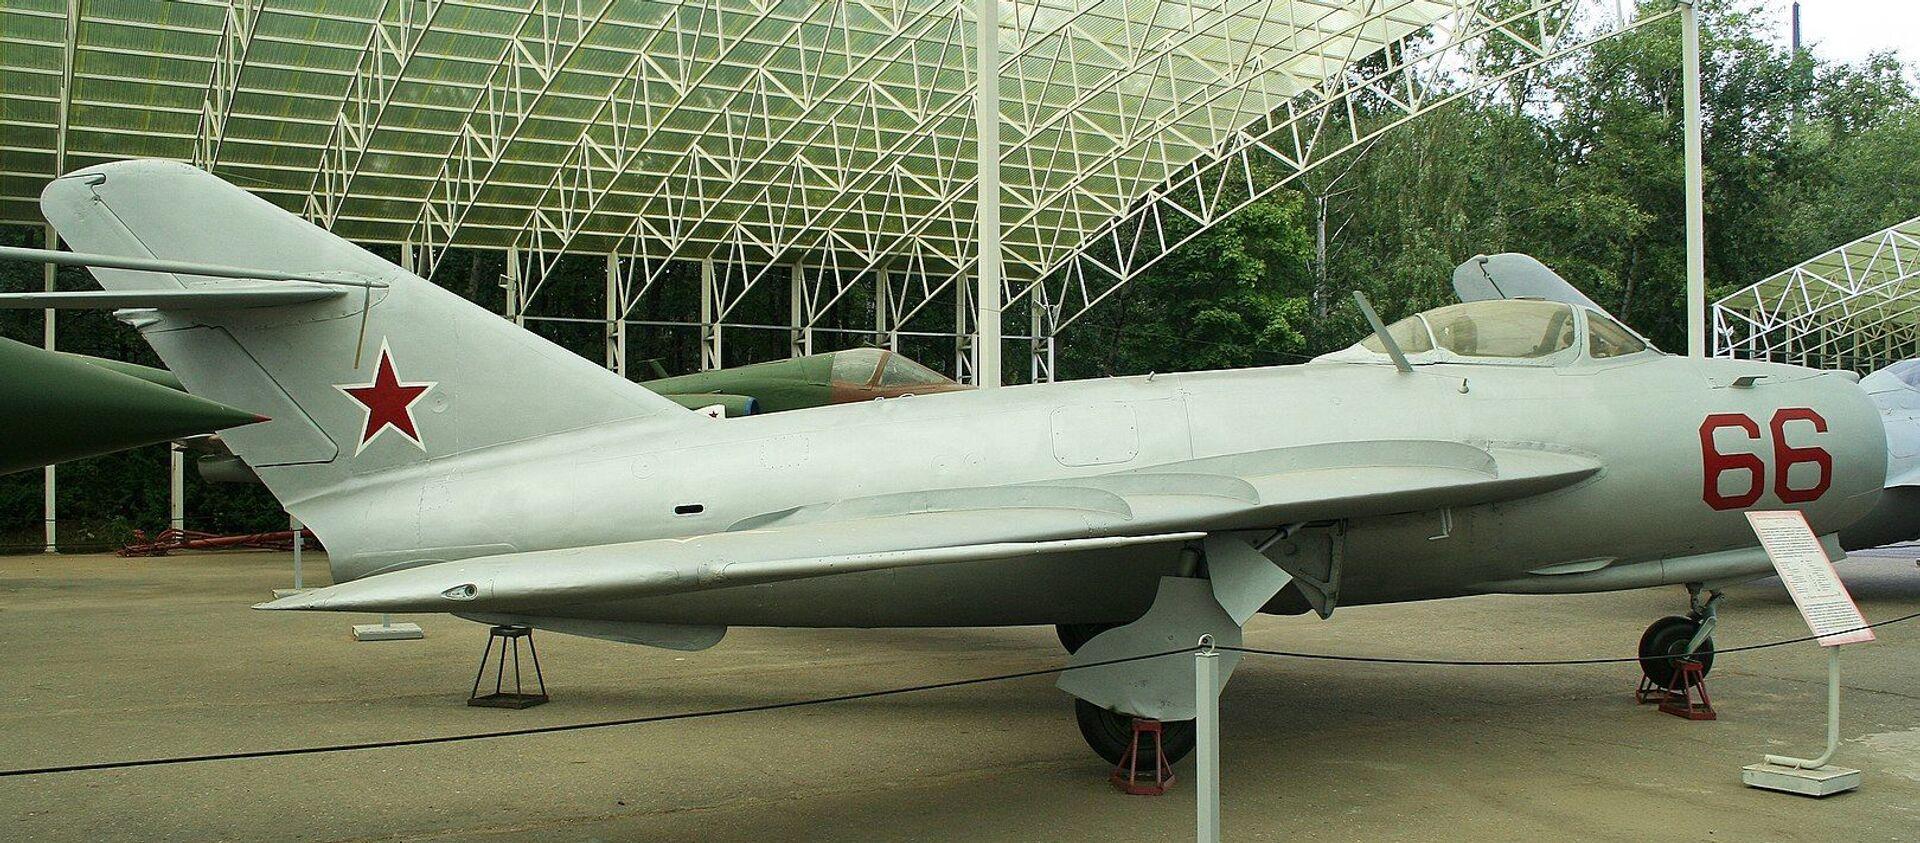 Máy bay chiến đấu MIG-17PF của Liên Xô  - Sputnik Việt Nam, 1920, 03.02.2020